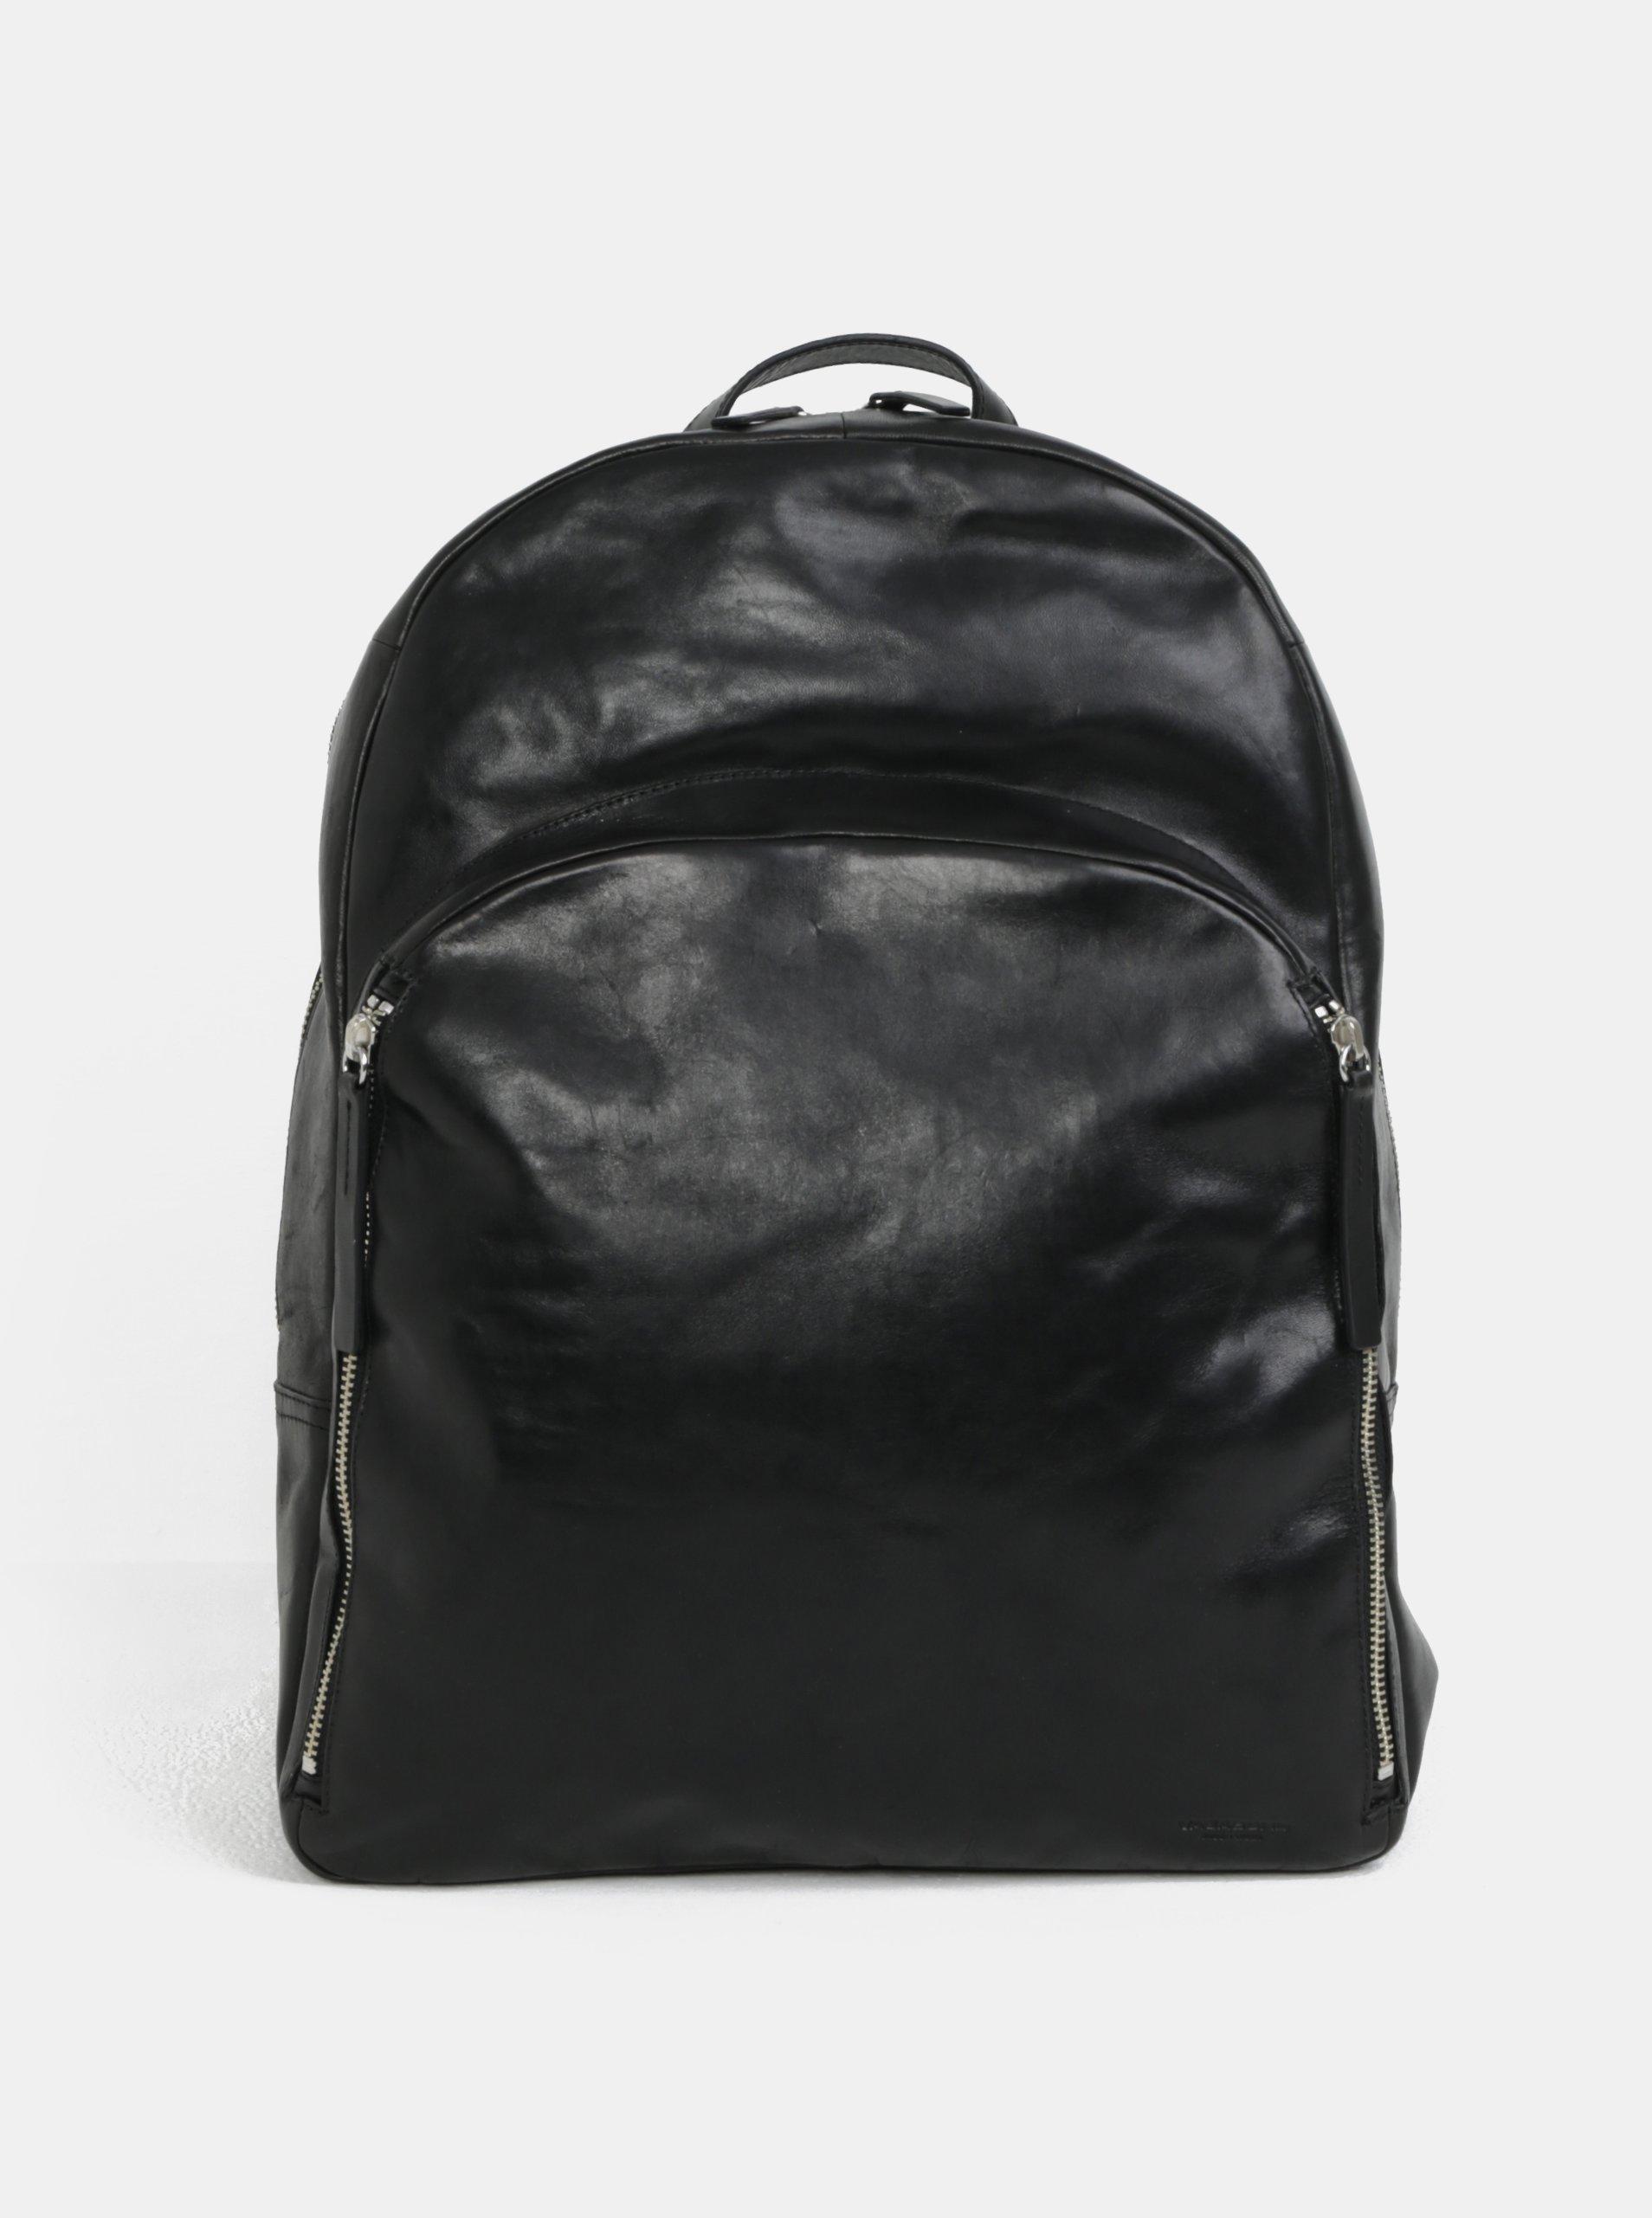 8ce3bab0c6 Čierny dámsky kožený batoh Vagabond Antibes